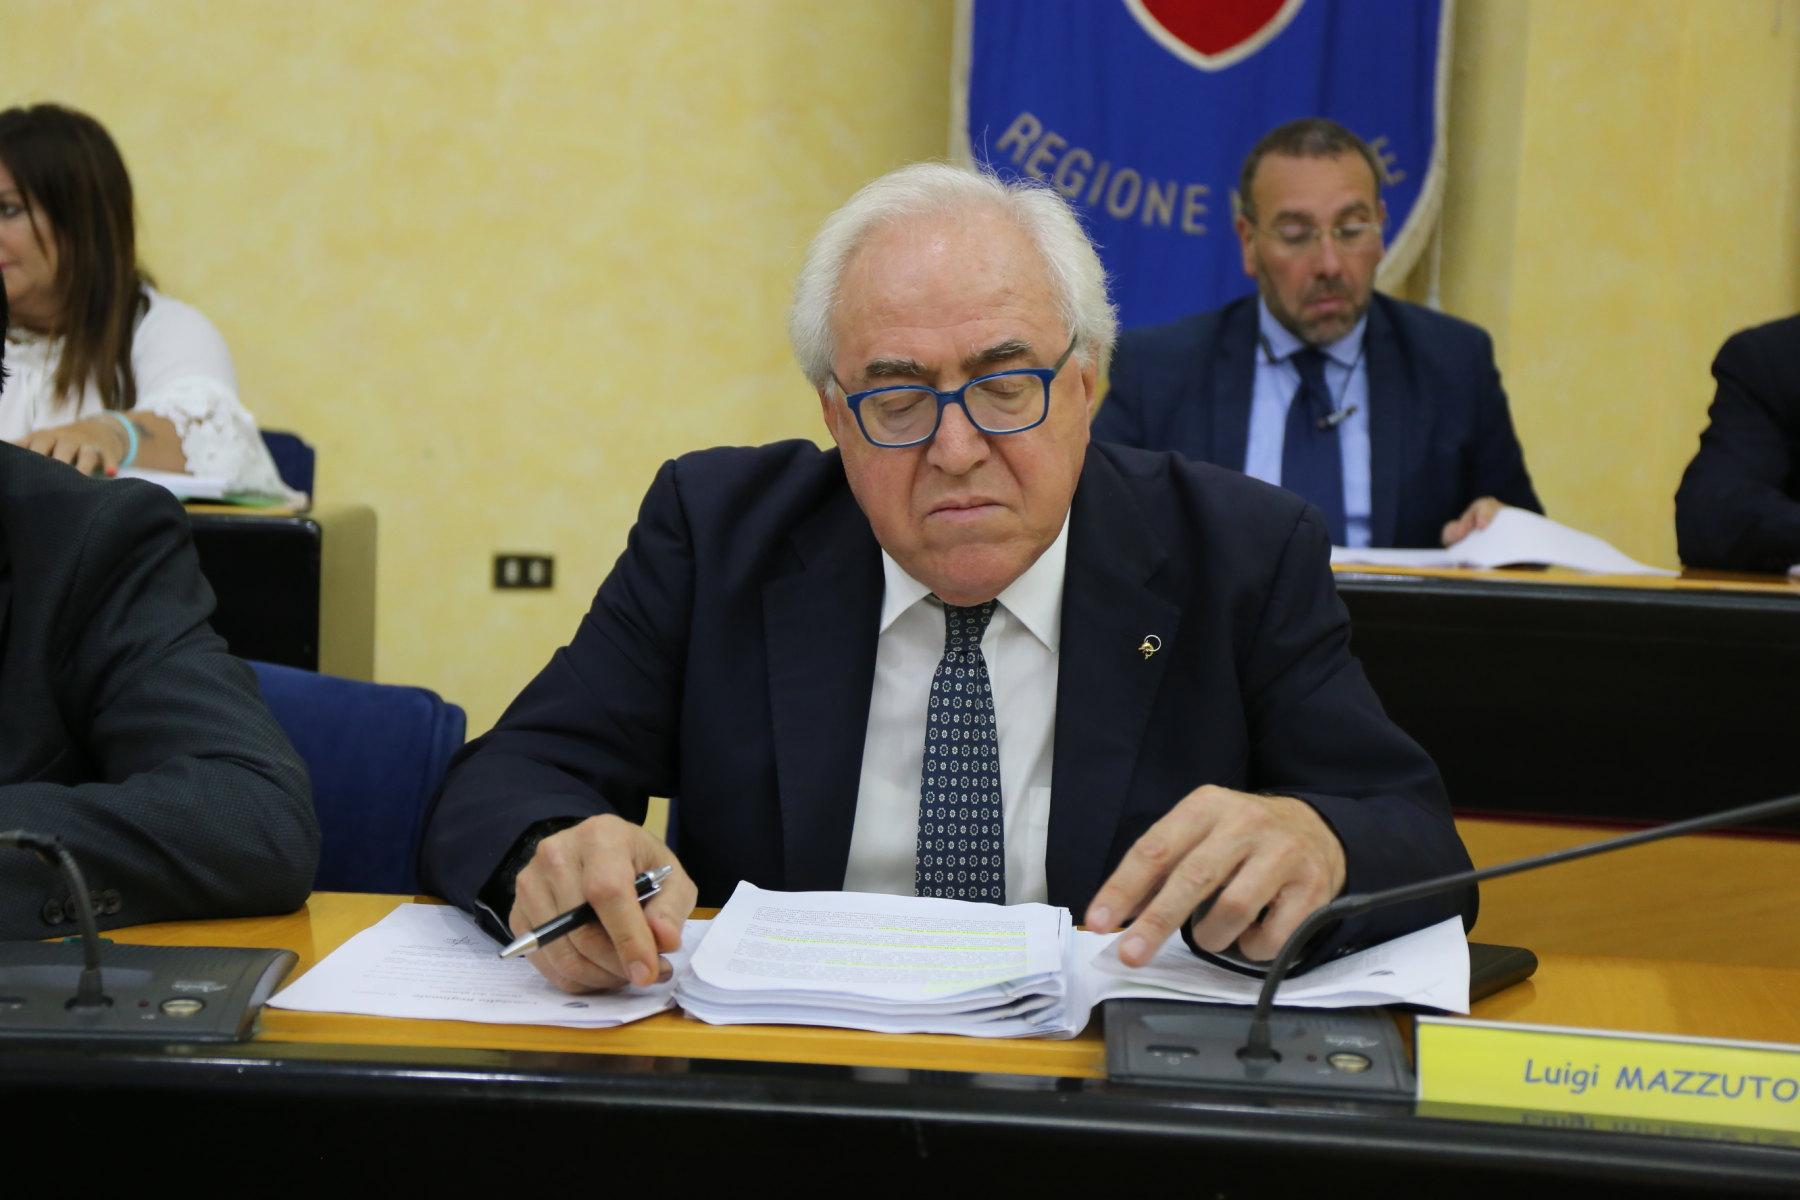 """Ex Ittierre ancora senza mobilità, Mazzuto: """"Aspettiamo certificazioni Inps"""""""